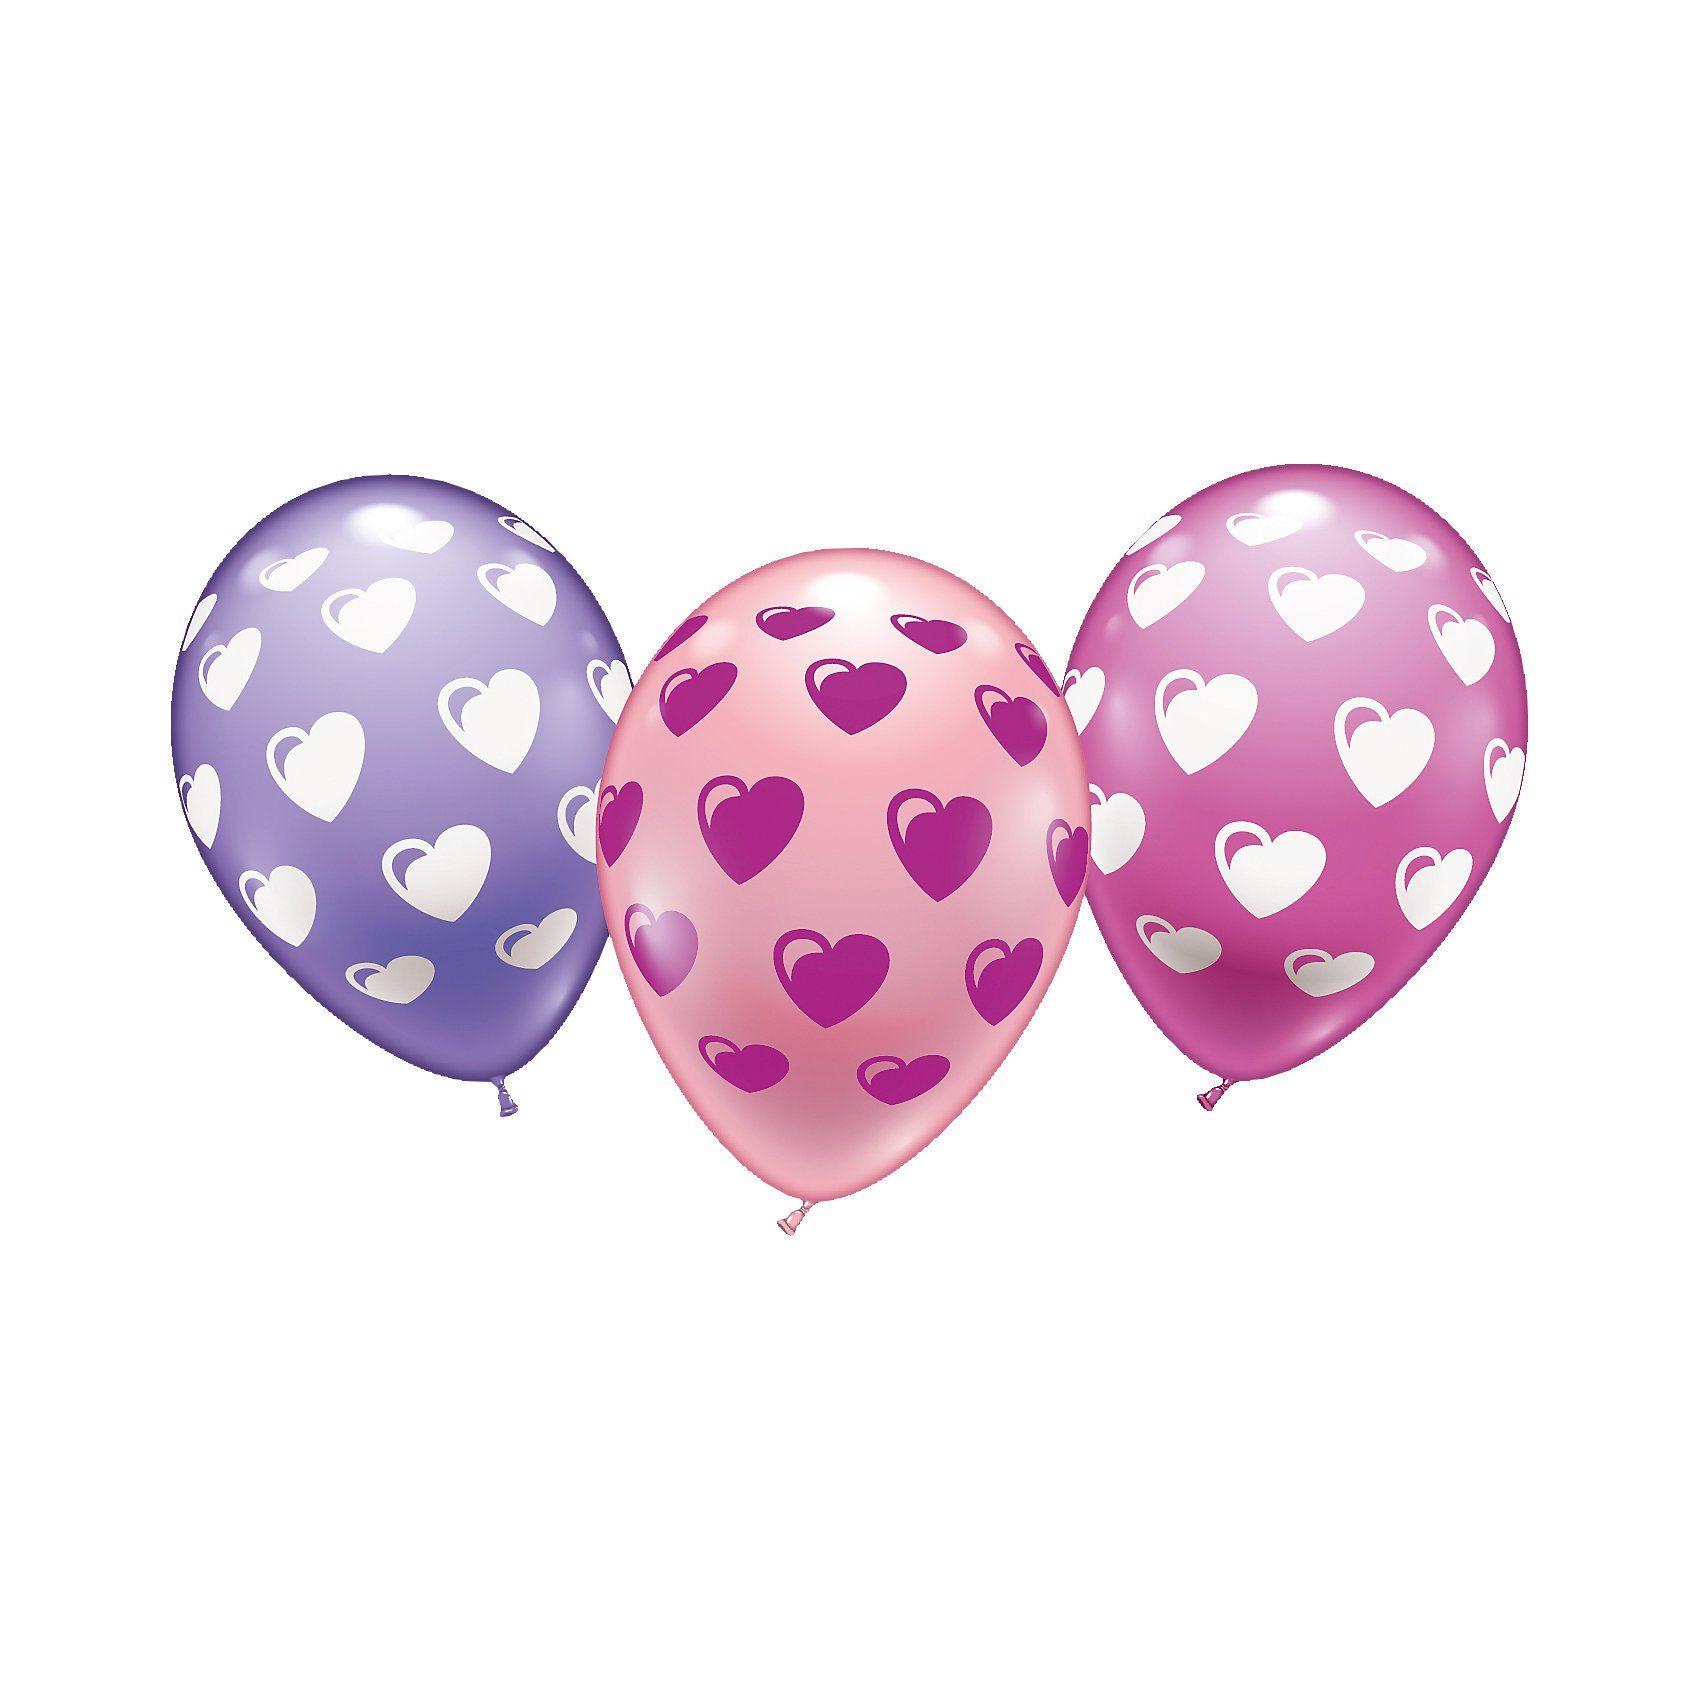 Karaloon Ballons Sweet Heart, 15 Stück